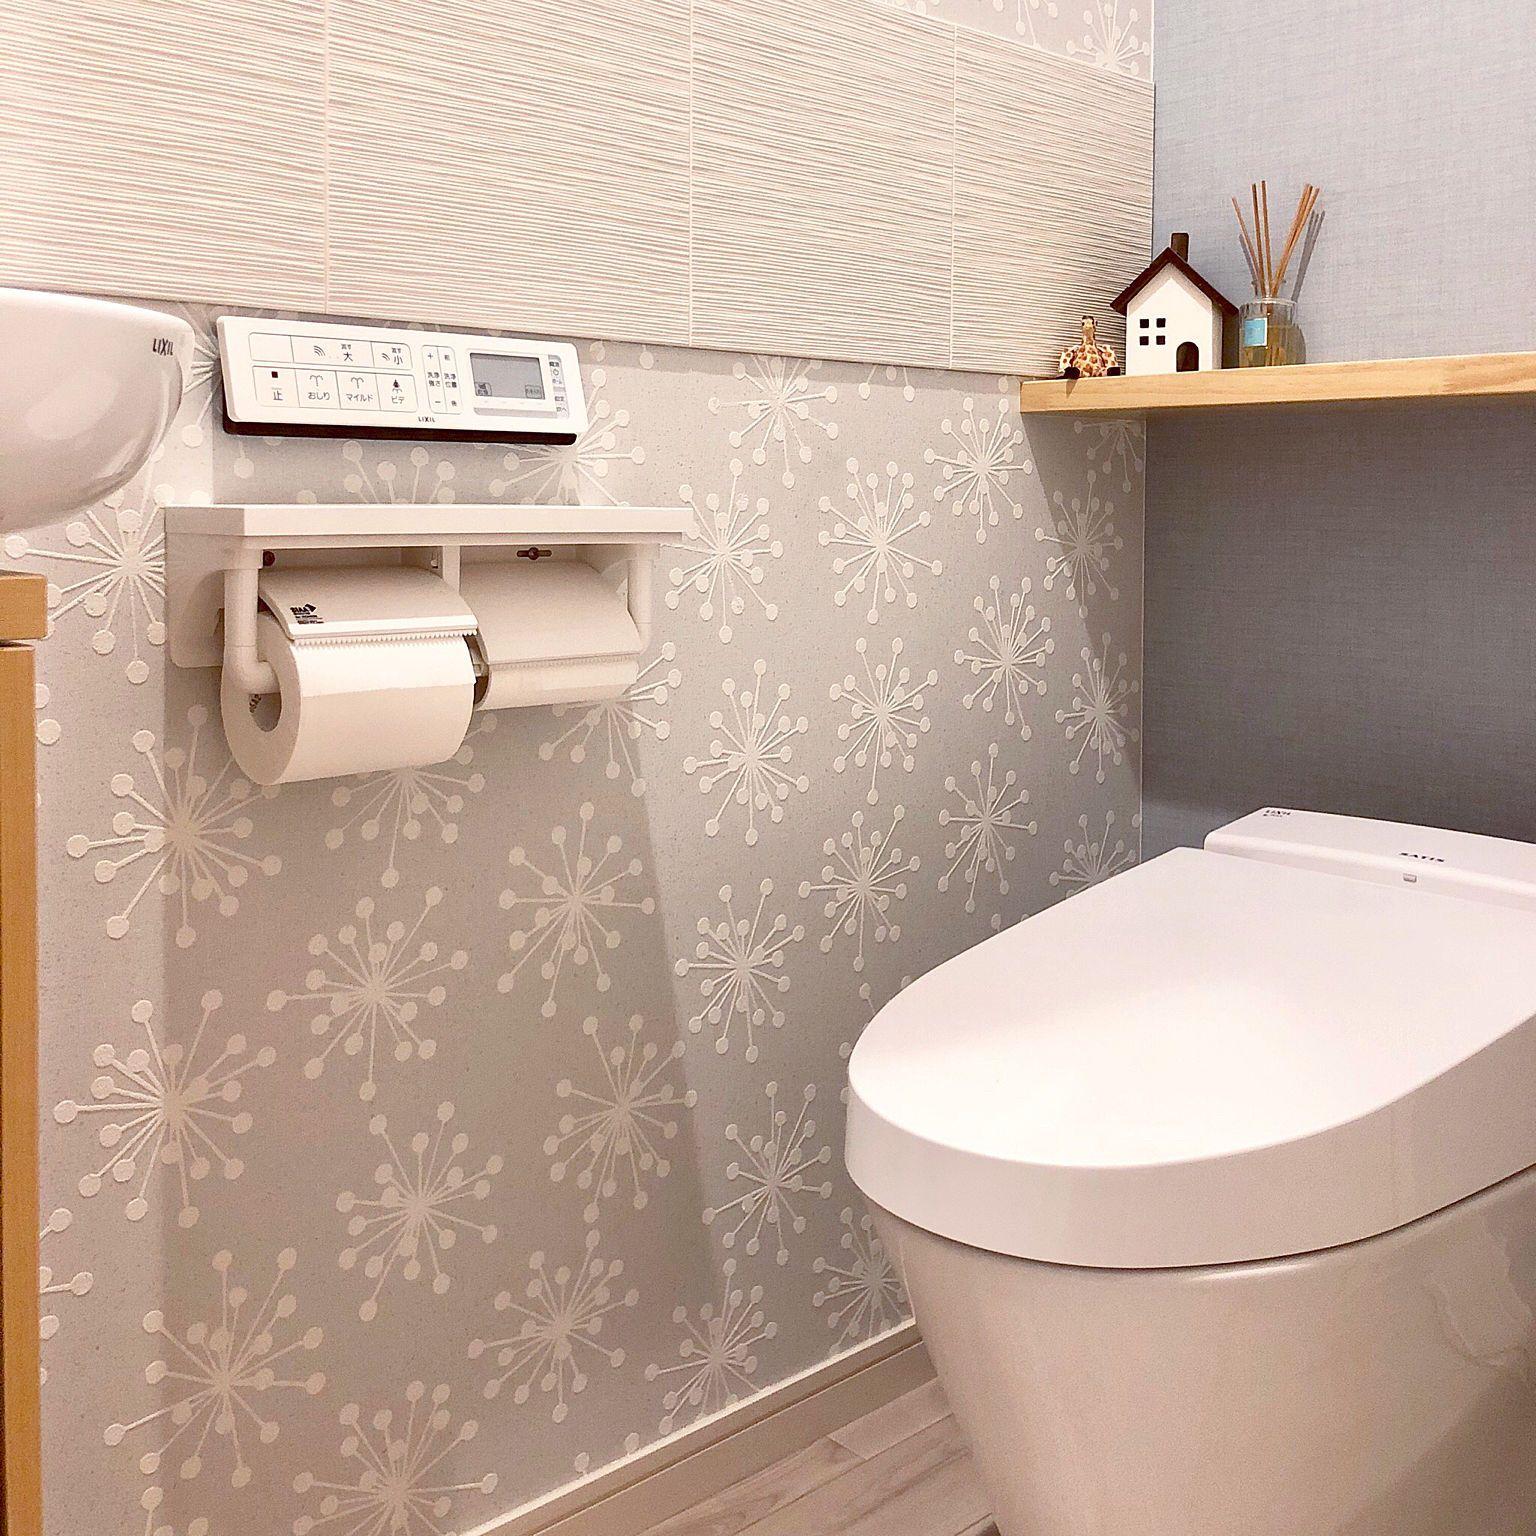 バス トイレ お気に入りの空間 コーナー手洗いキャビネット サティスs リクシルのトイレ などのインテリア実例 2018 07 22 16 42 28 Roomclip ルームクリップ トイレのアイデア トイレのデザイン トイレ アクセントクロス